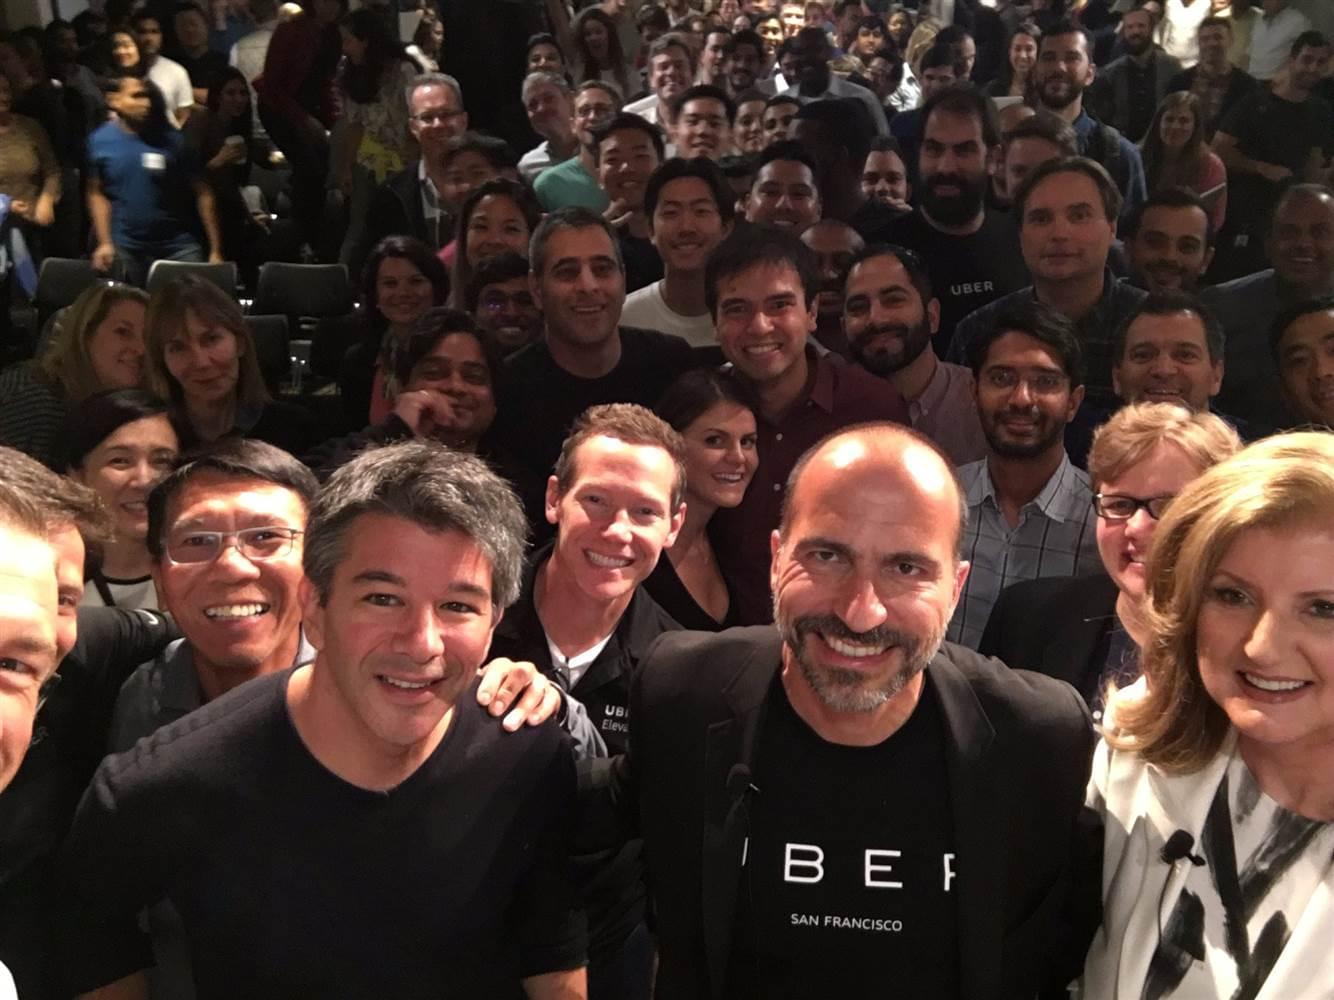 Uber CEO见面会细节:卡兰尼克哭了 员工为他鼓掌